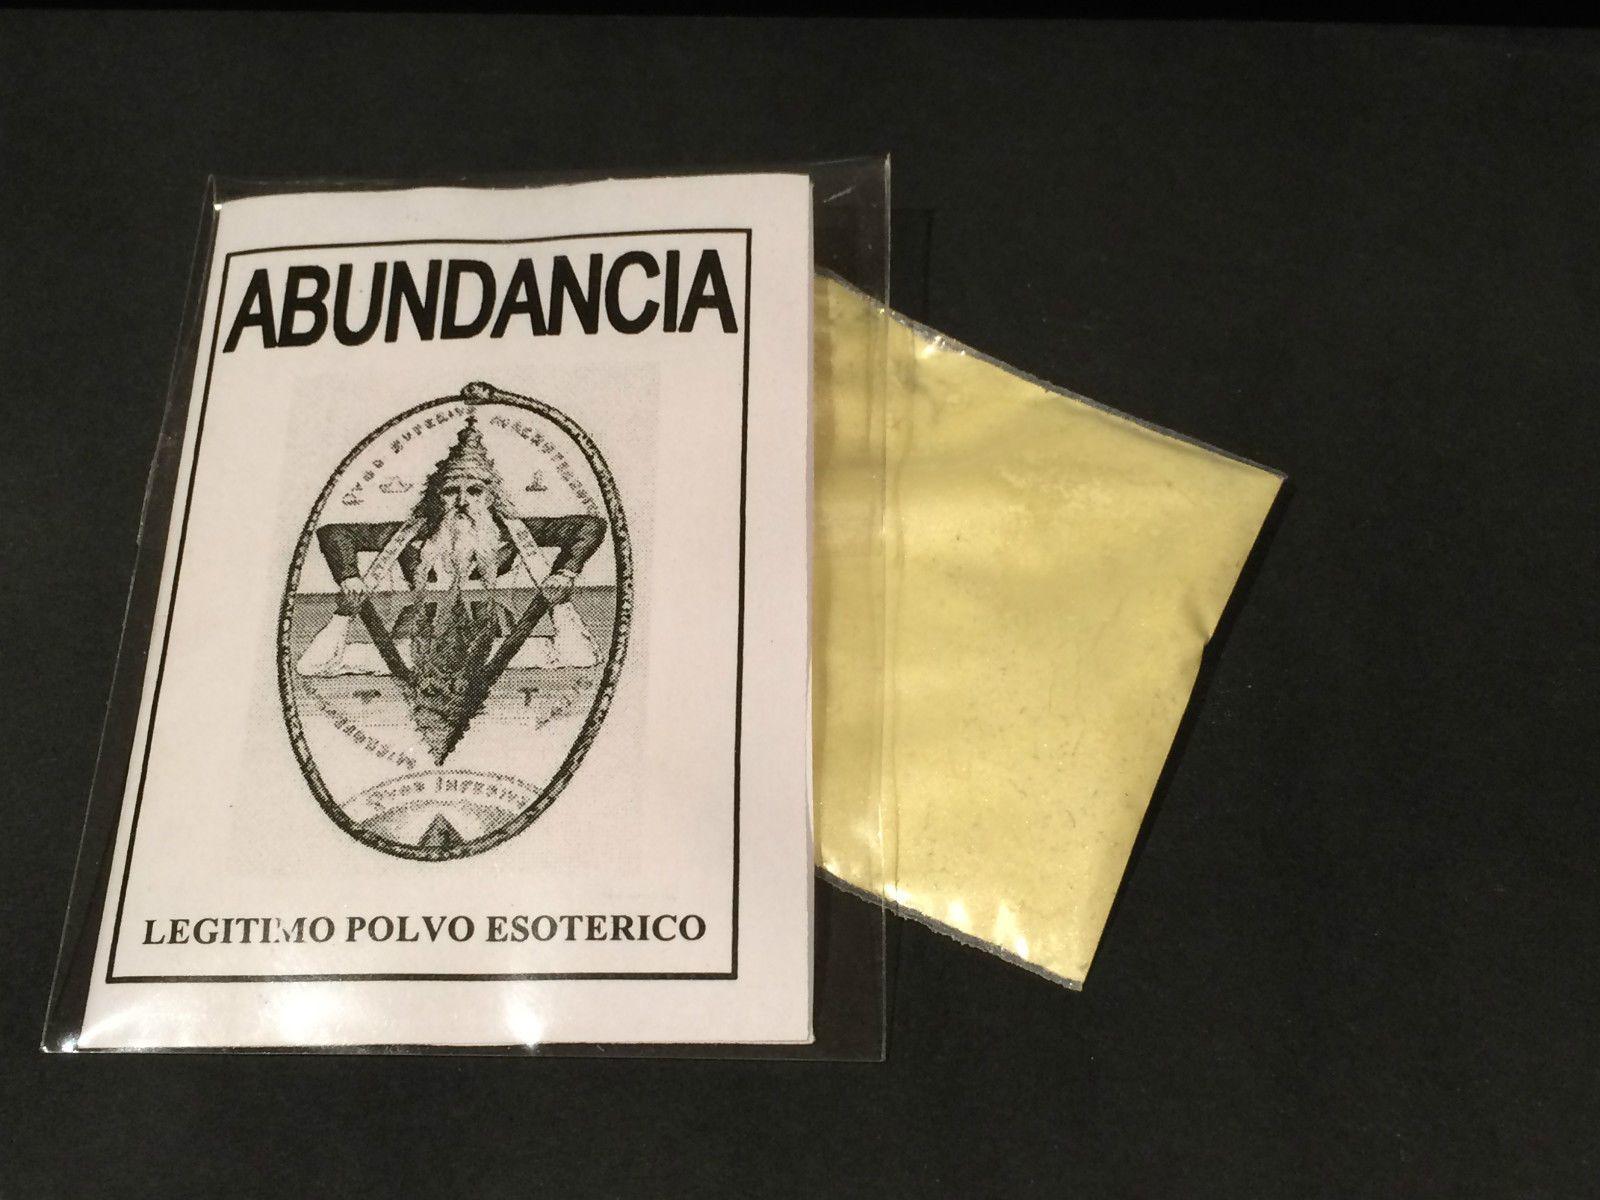 """LEGITIMO POLVO ESOTERICO ESPECIAL """"ABUNDANCIA"""""""